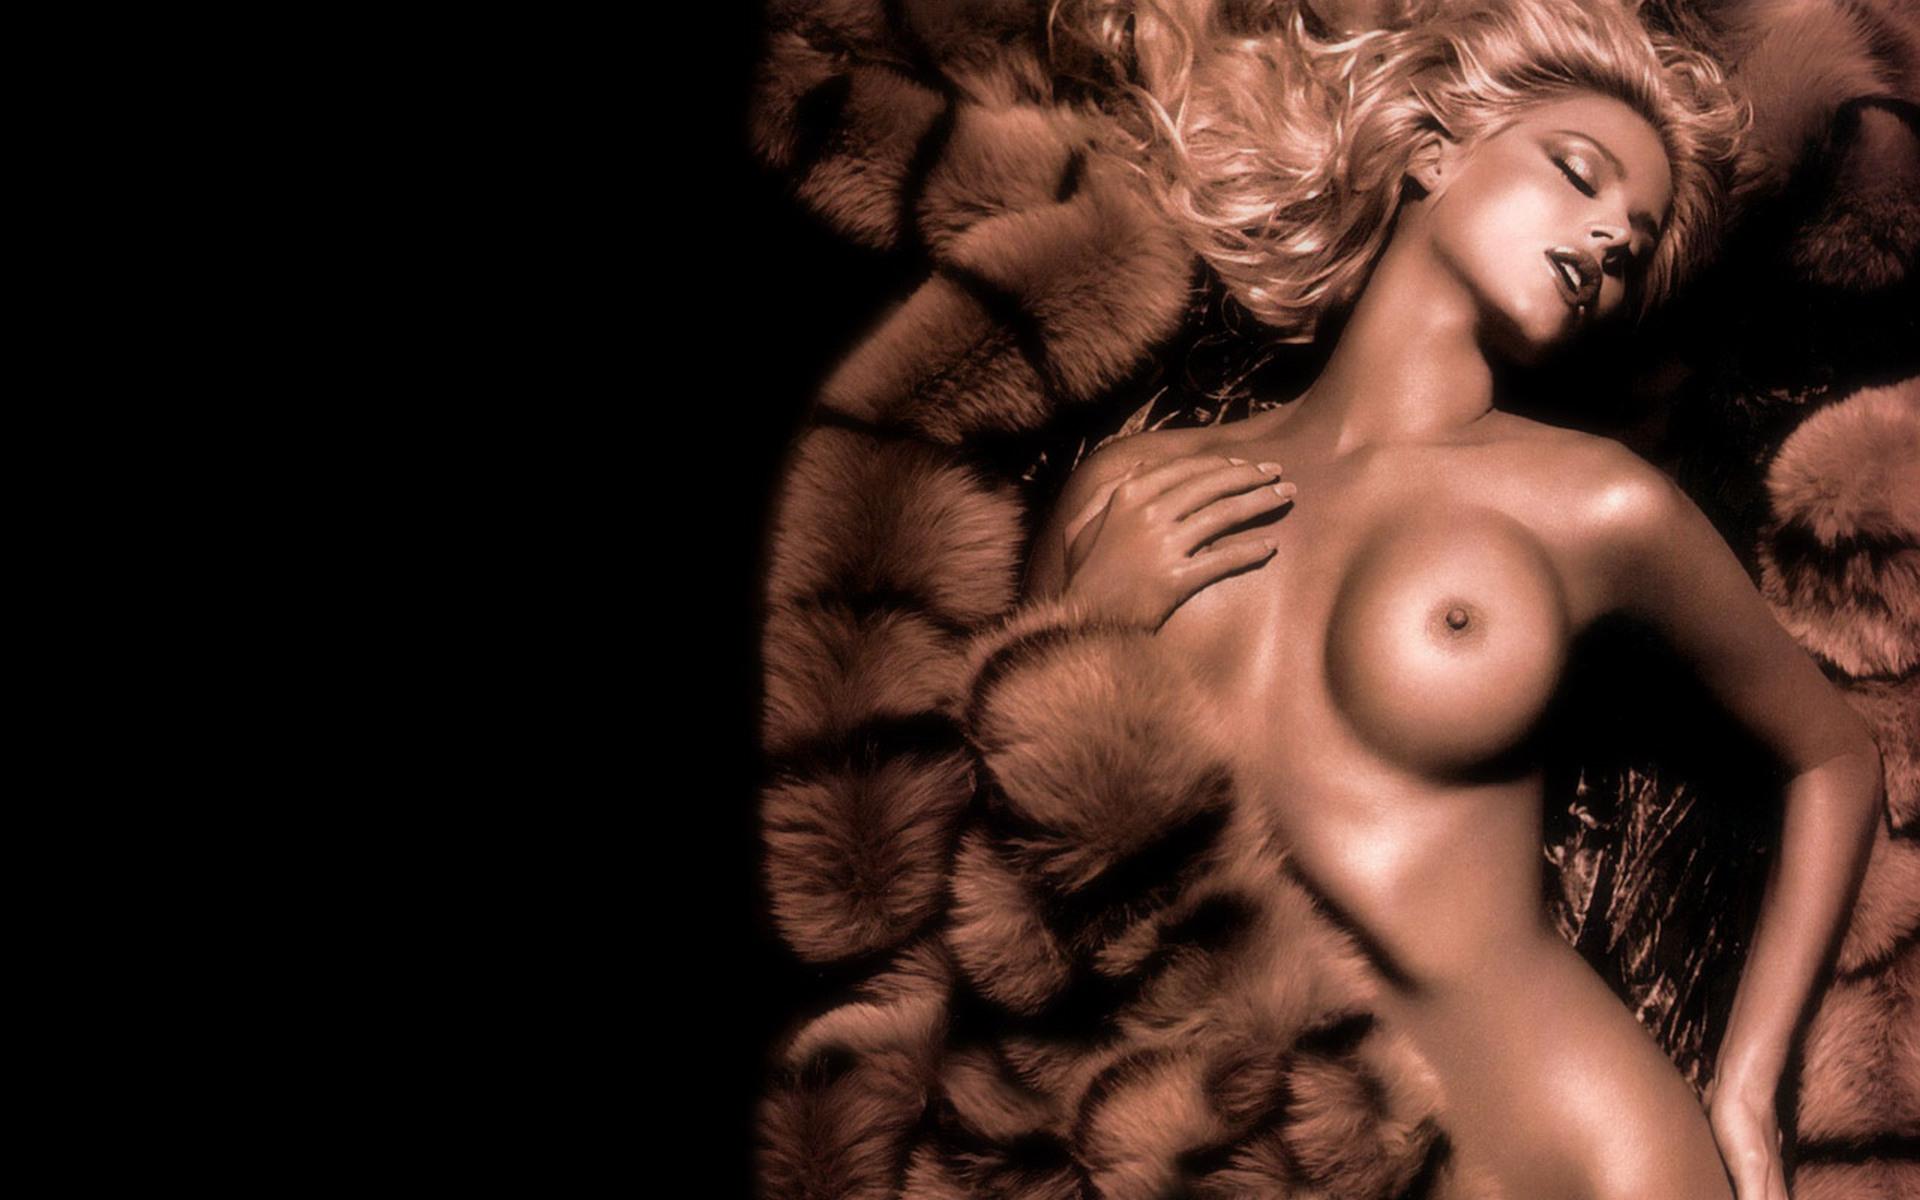 Эротические похождения человека невидимки онлайн 20 фотография